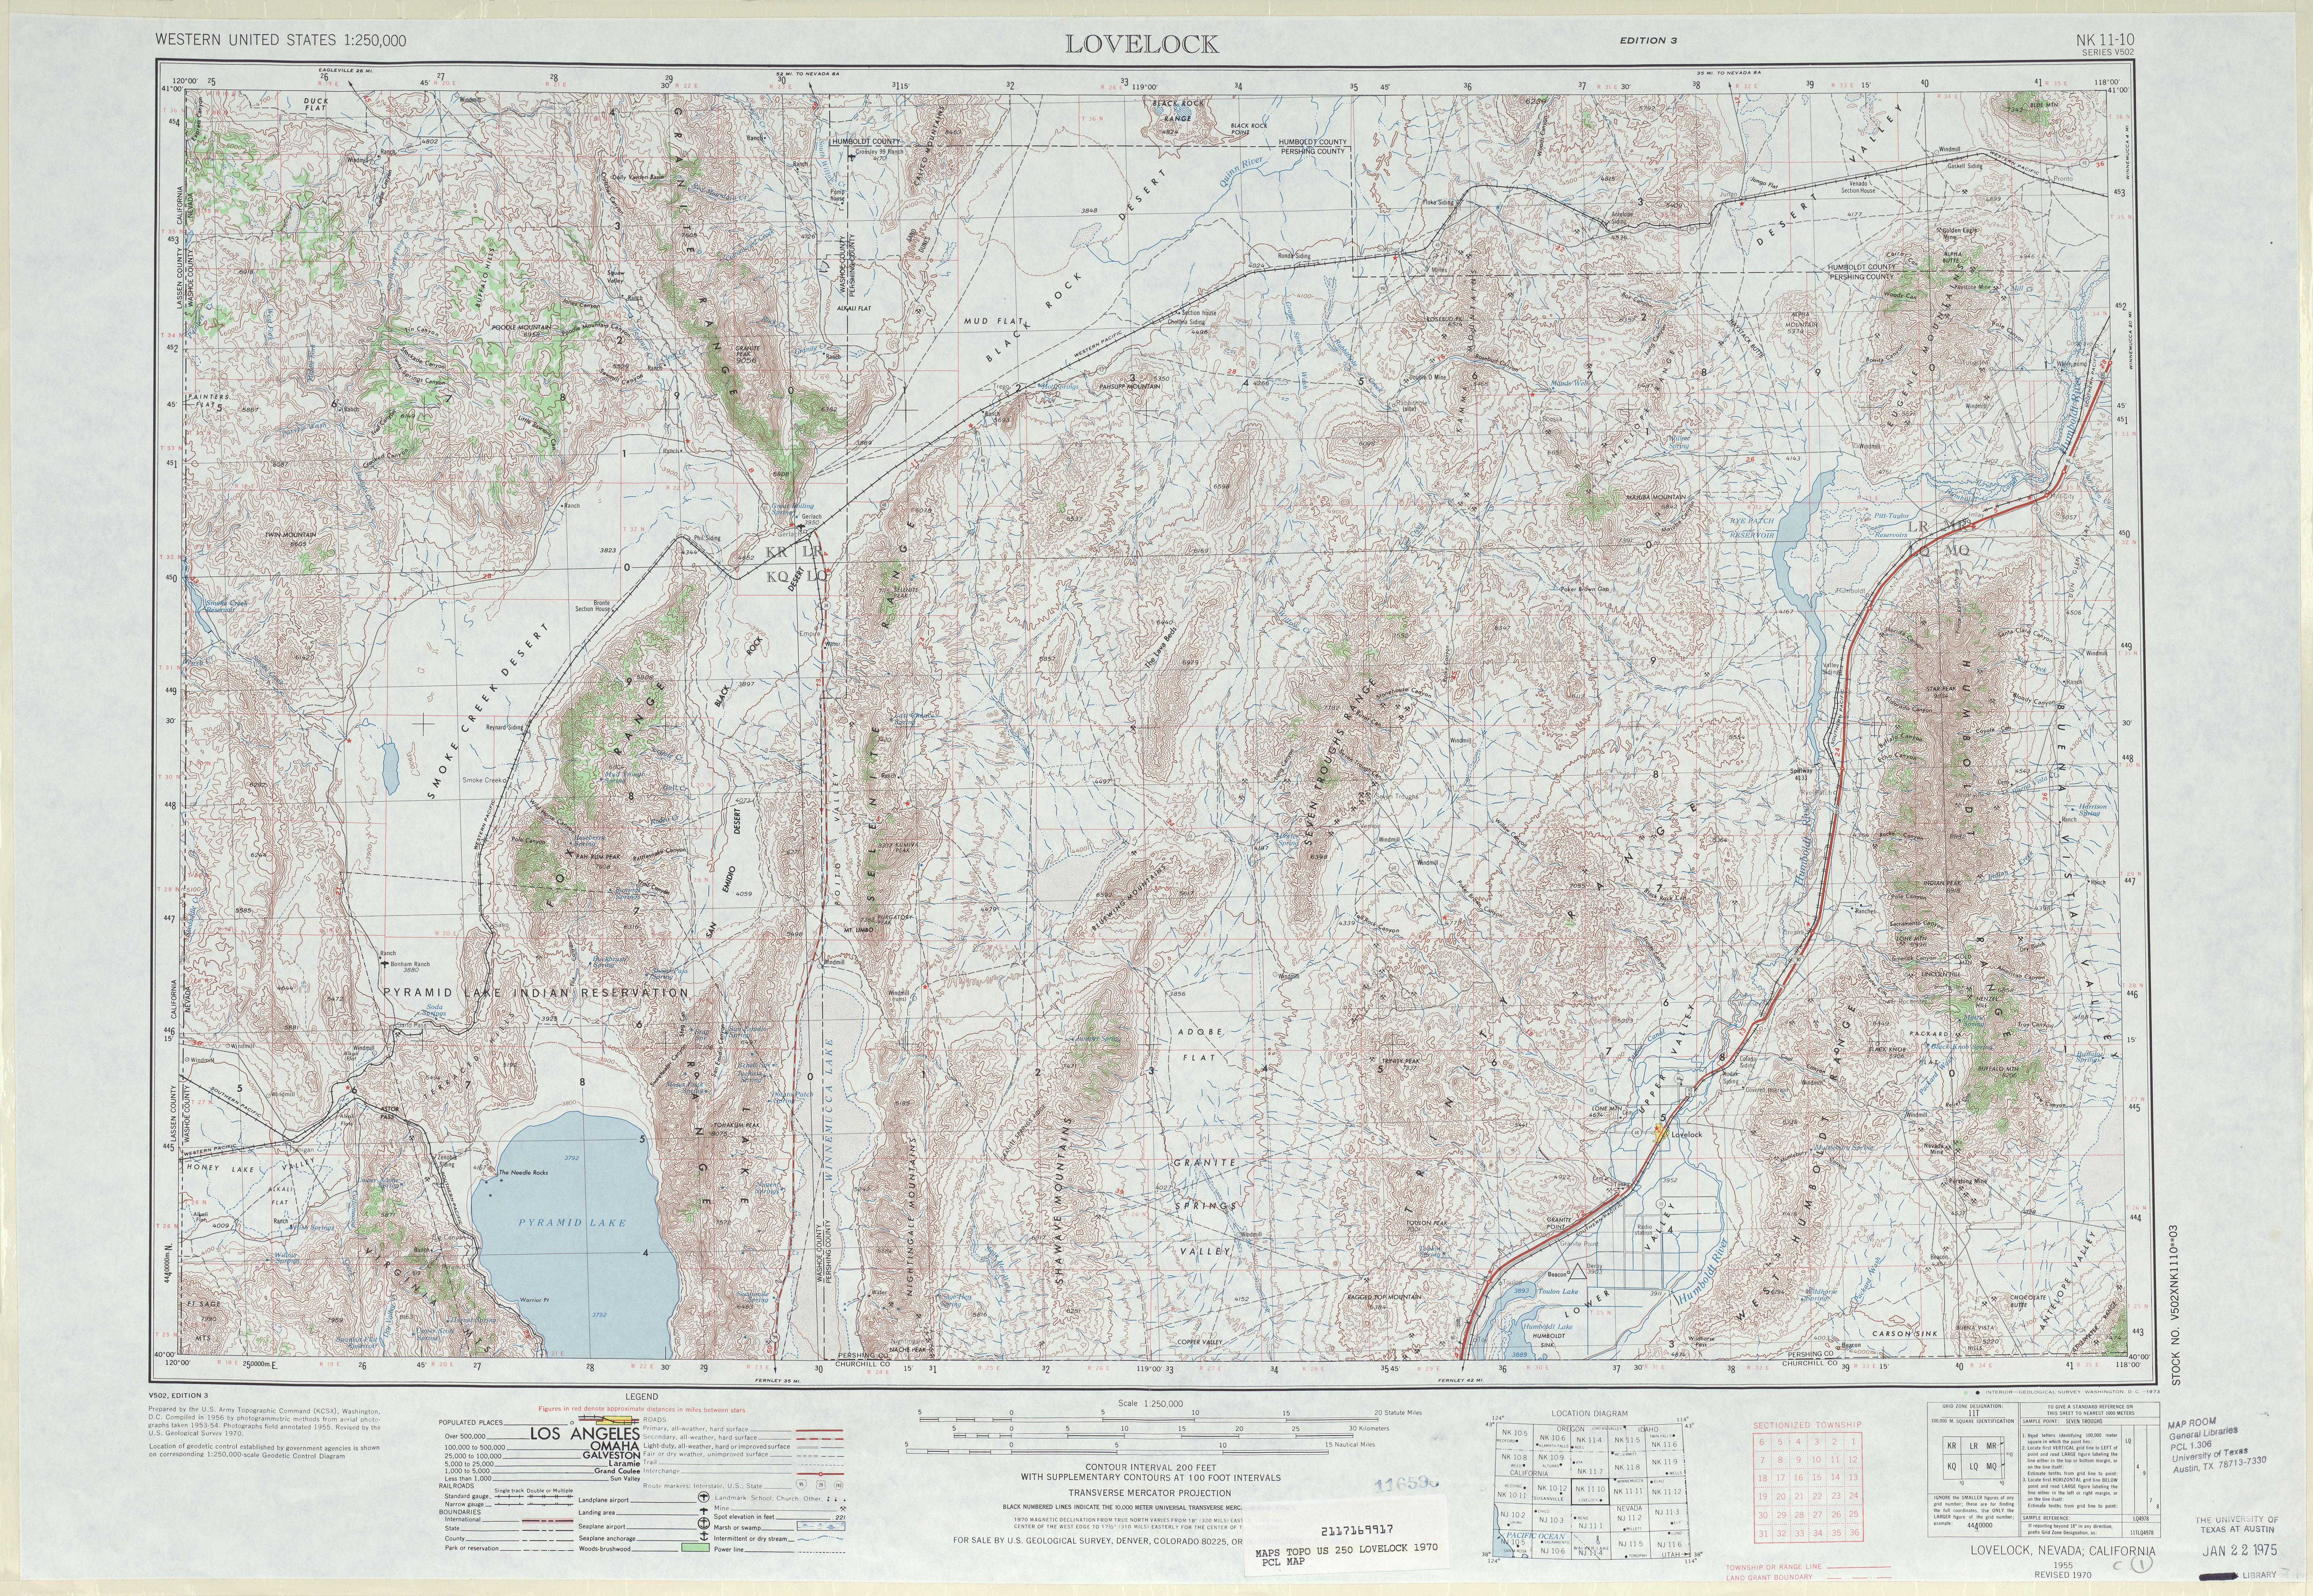 Hoja Lovelock del Mapa Topográfico de los Estados Unidos 1970